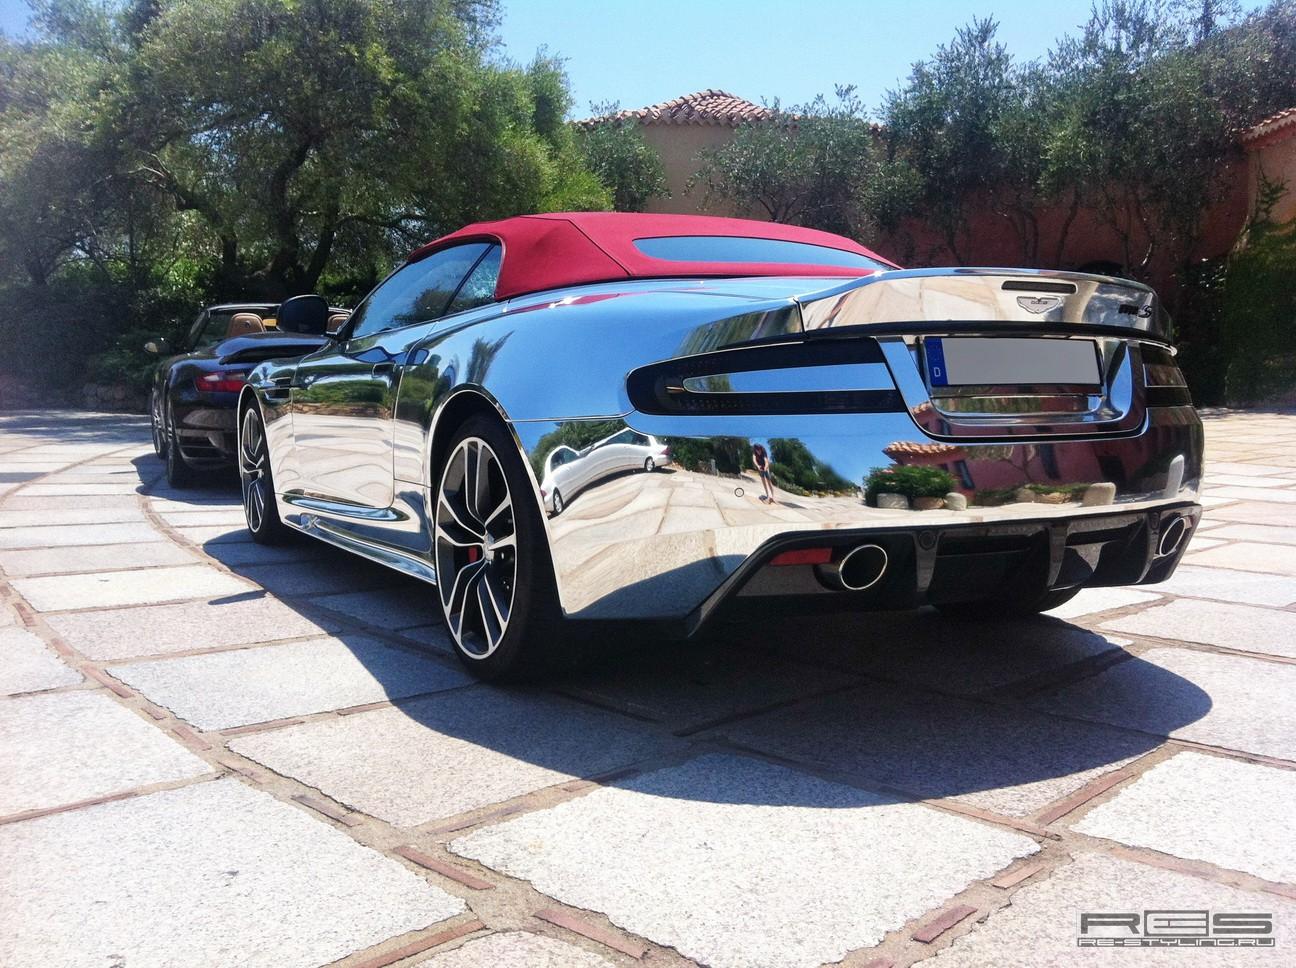 Aston Martin Dbs Price in India Aston Martin Dbs Volante